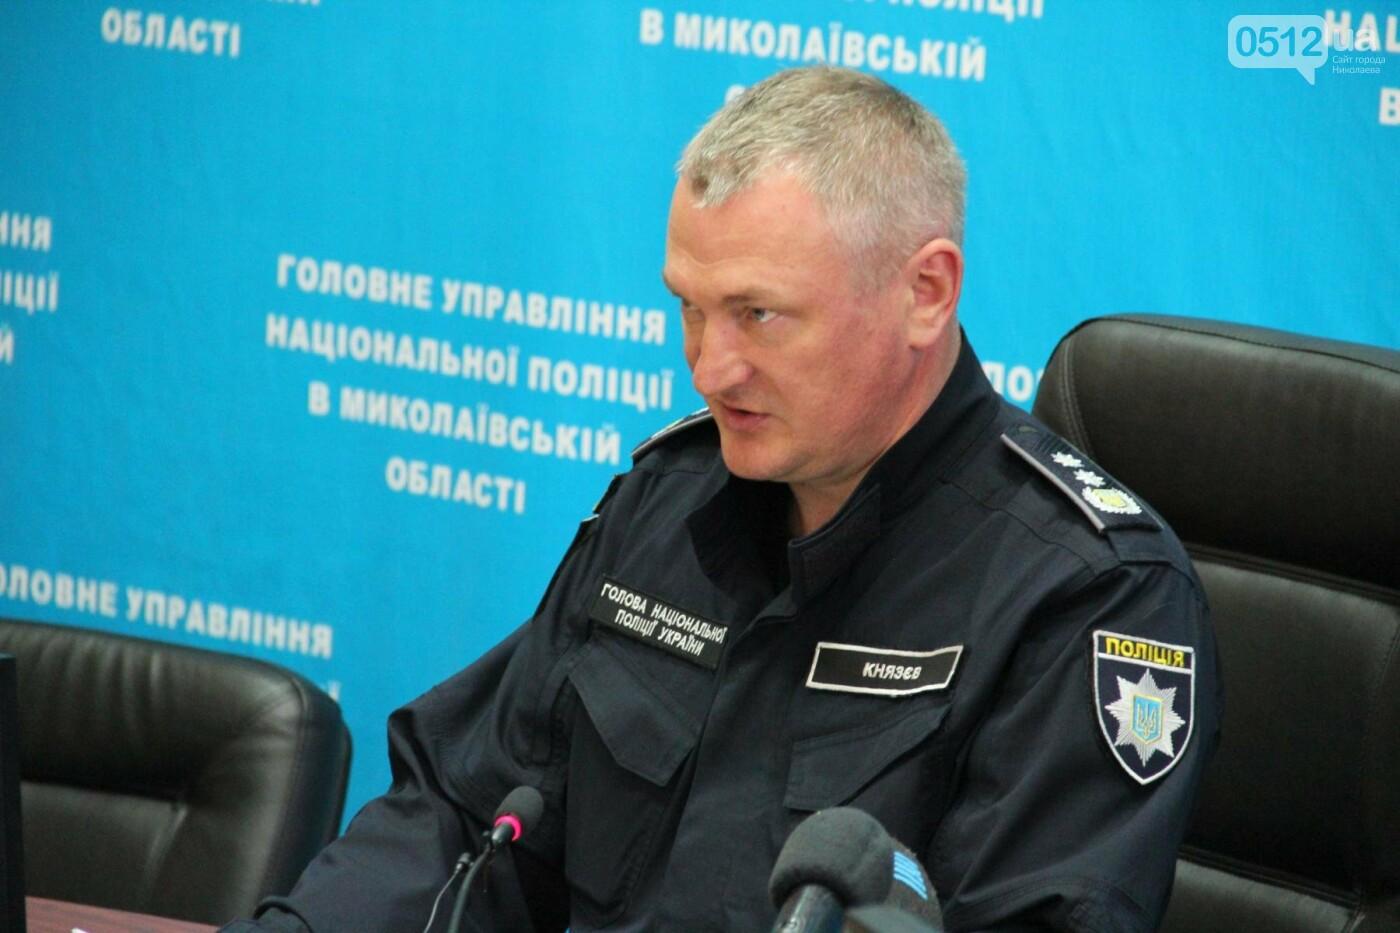 В Николаеве представили нового начальники ГУНП области, - ФОТО, фото-3